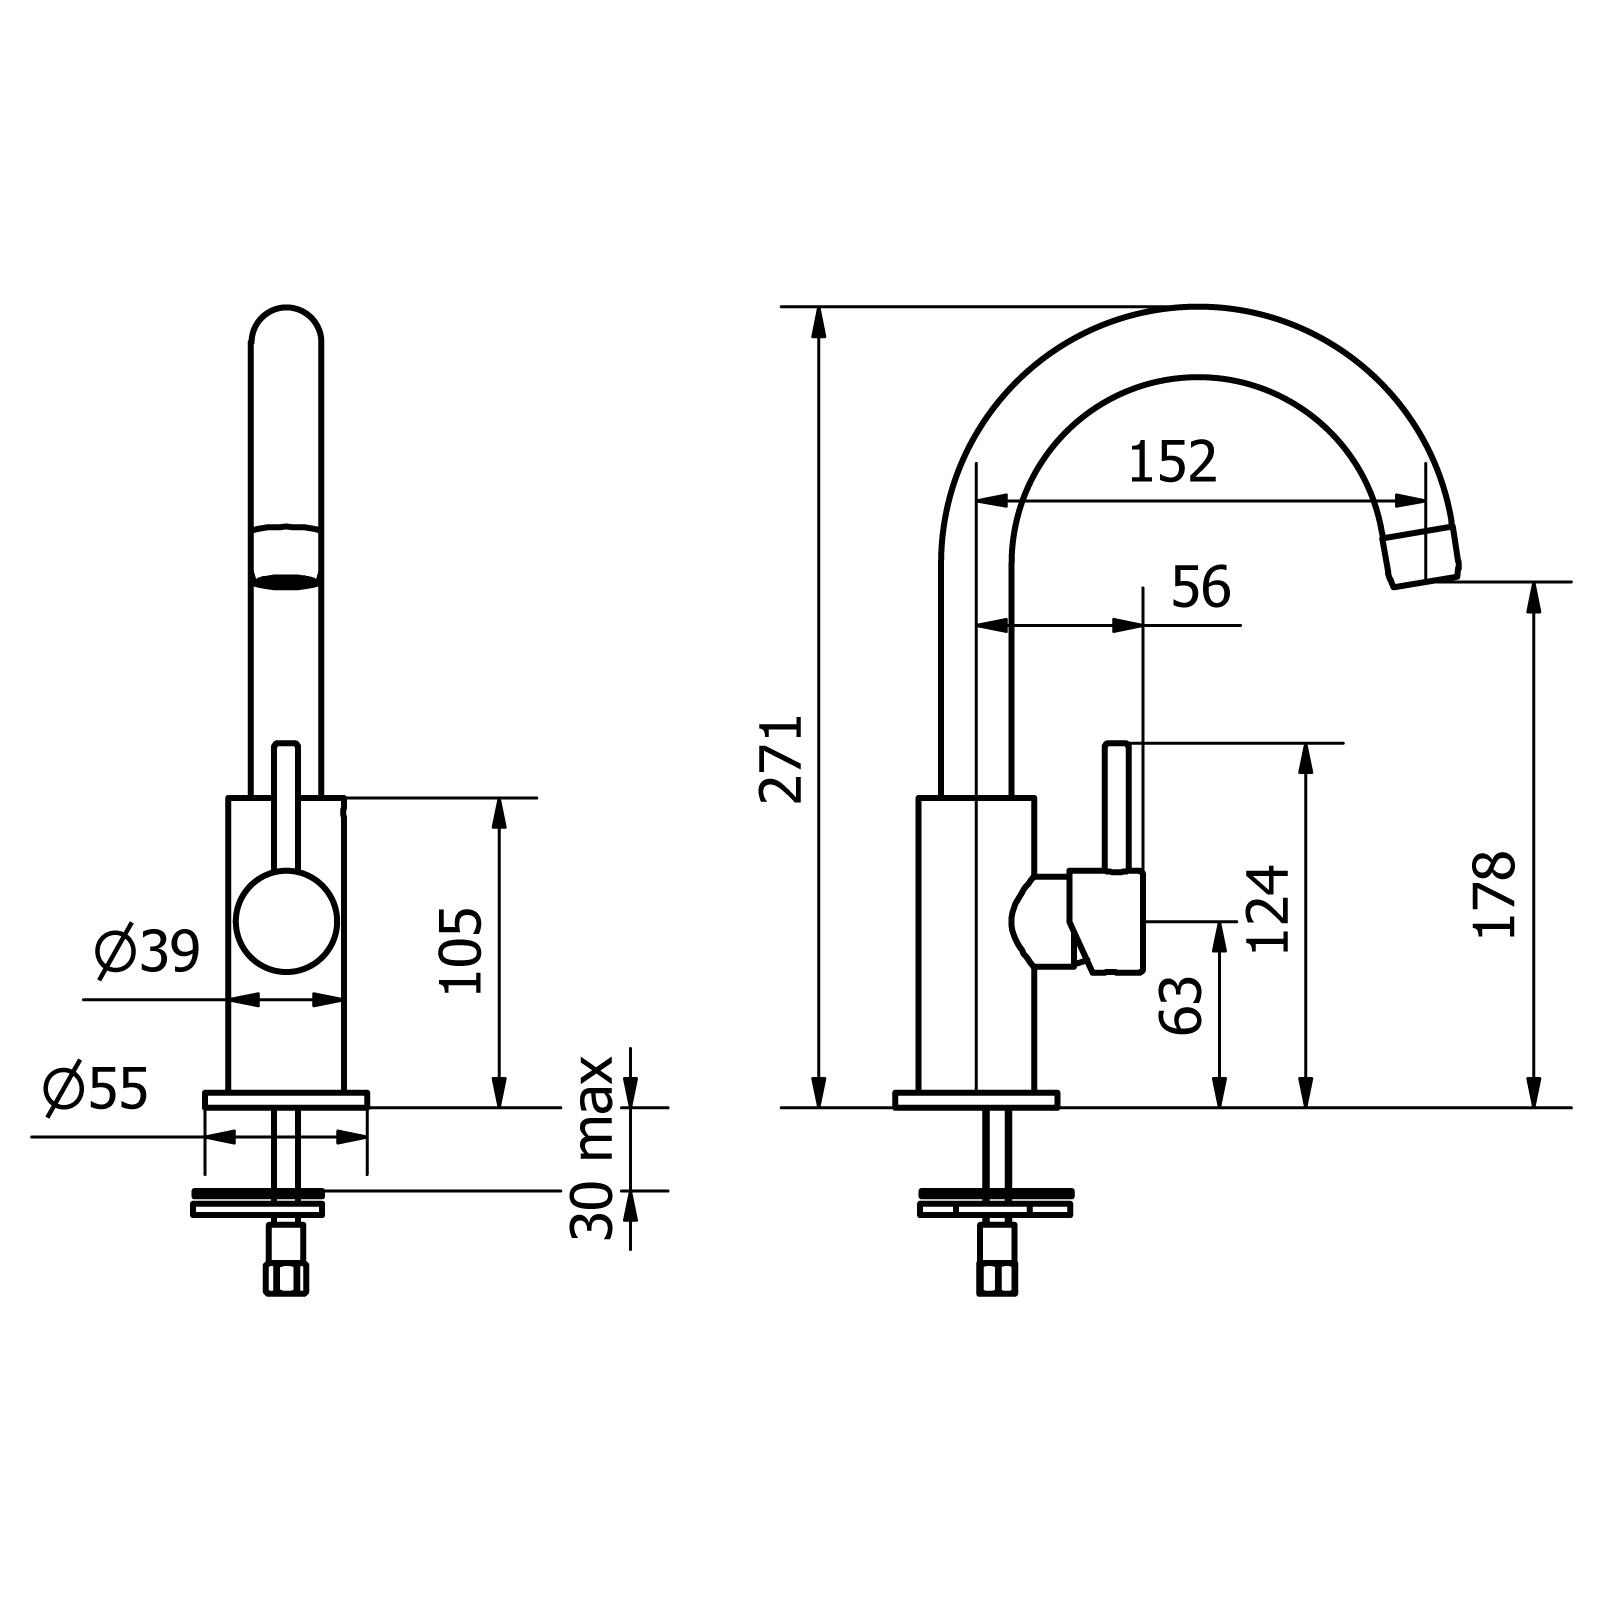 Waschbecken-Mischer mit mit seitlichem Griff und Click-Clack-Ablaufgarnitur